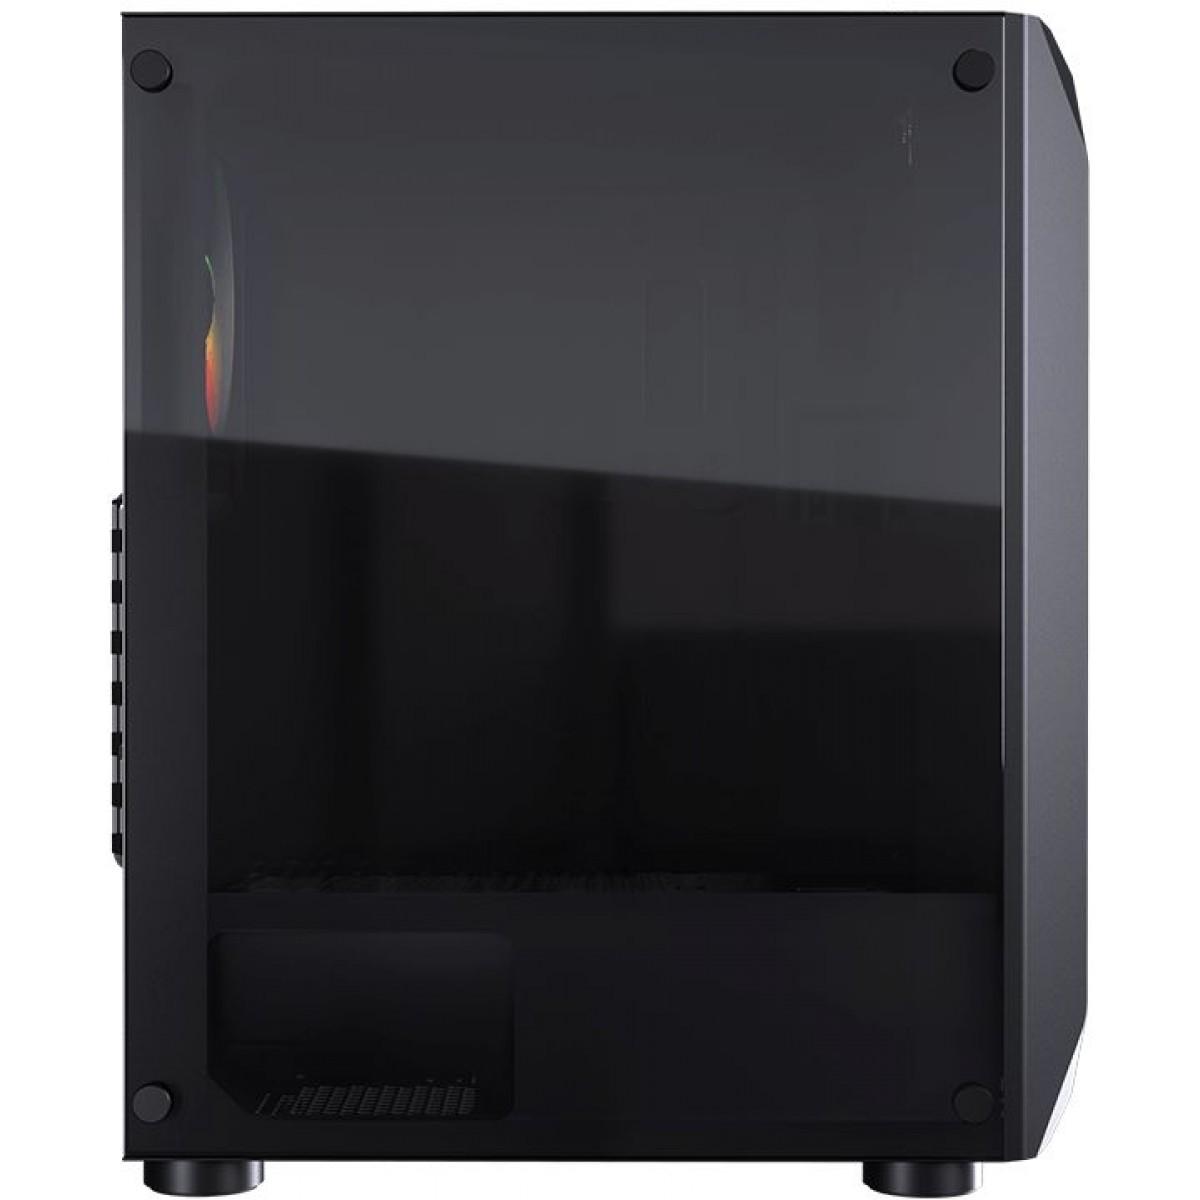 Gabinete Gamer Cougar MX410, Mid-Tower, 1 Fan, Acrilico, S-fonte, 385VM60-0005